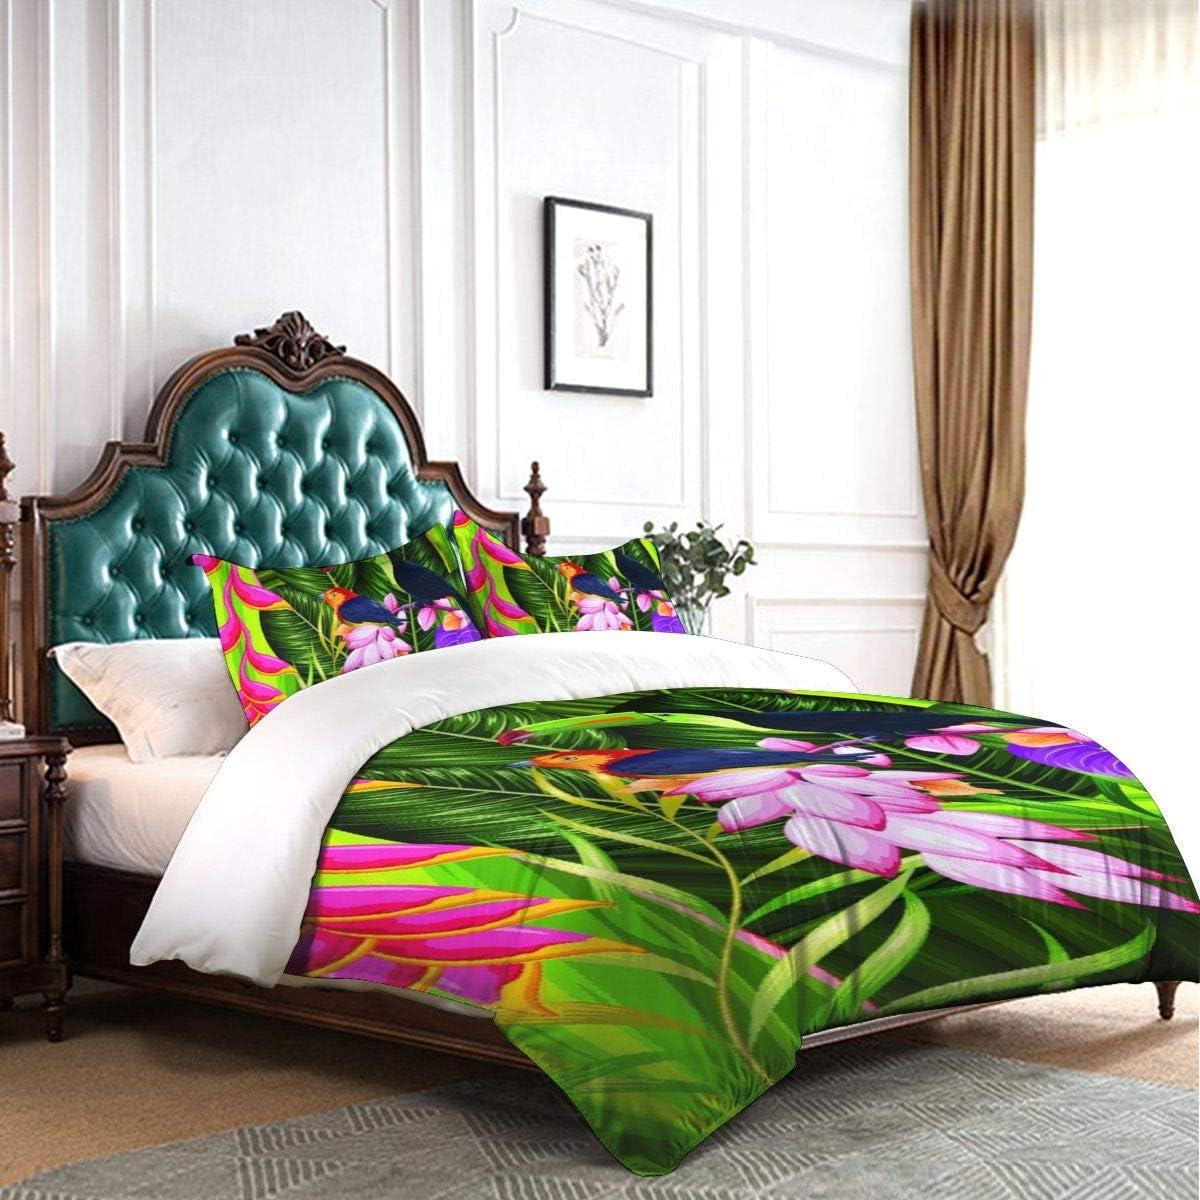 AIMILUX Parure de lit,Oiseaux Toucan Tropicaux,Housse de Couette en Microfibre 220x240cm+2 taies d'oreillers 50x75cm 1